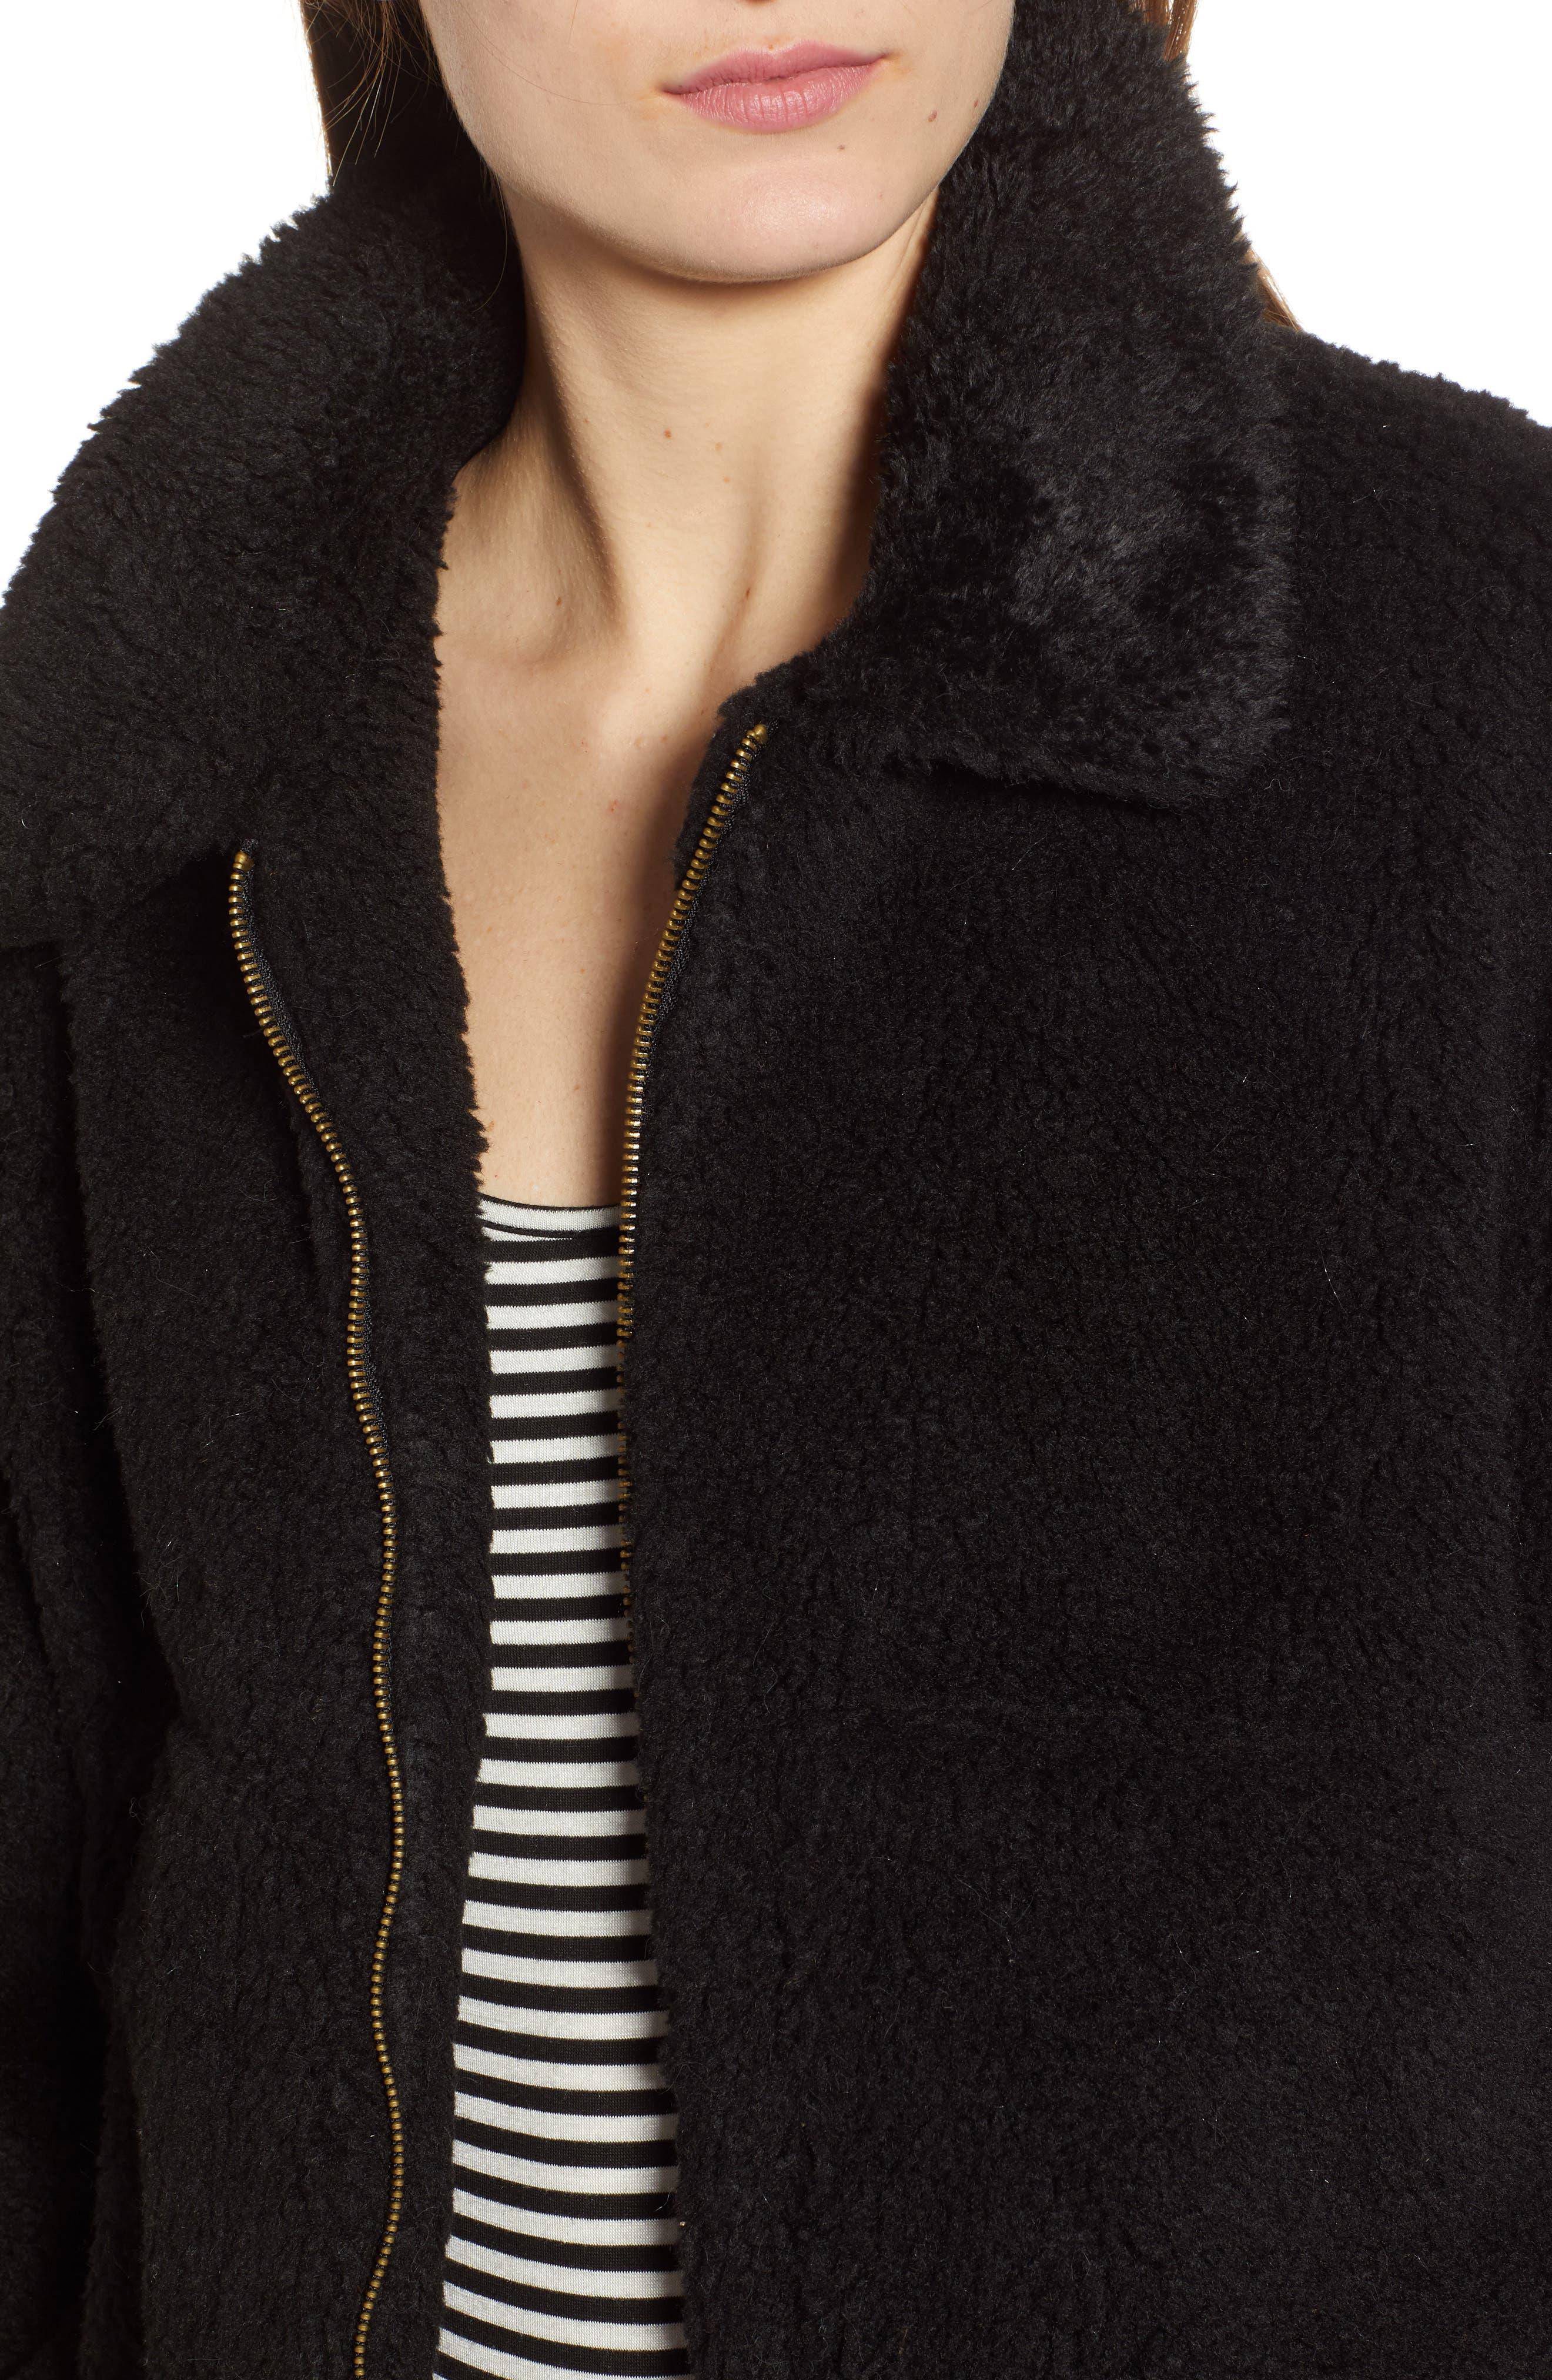 Northy Faux Fur Jacket,                             Alternate thumbnail 4, color,                             BLACK